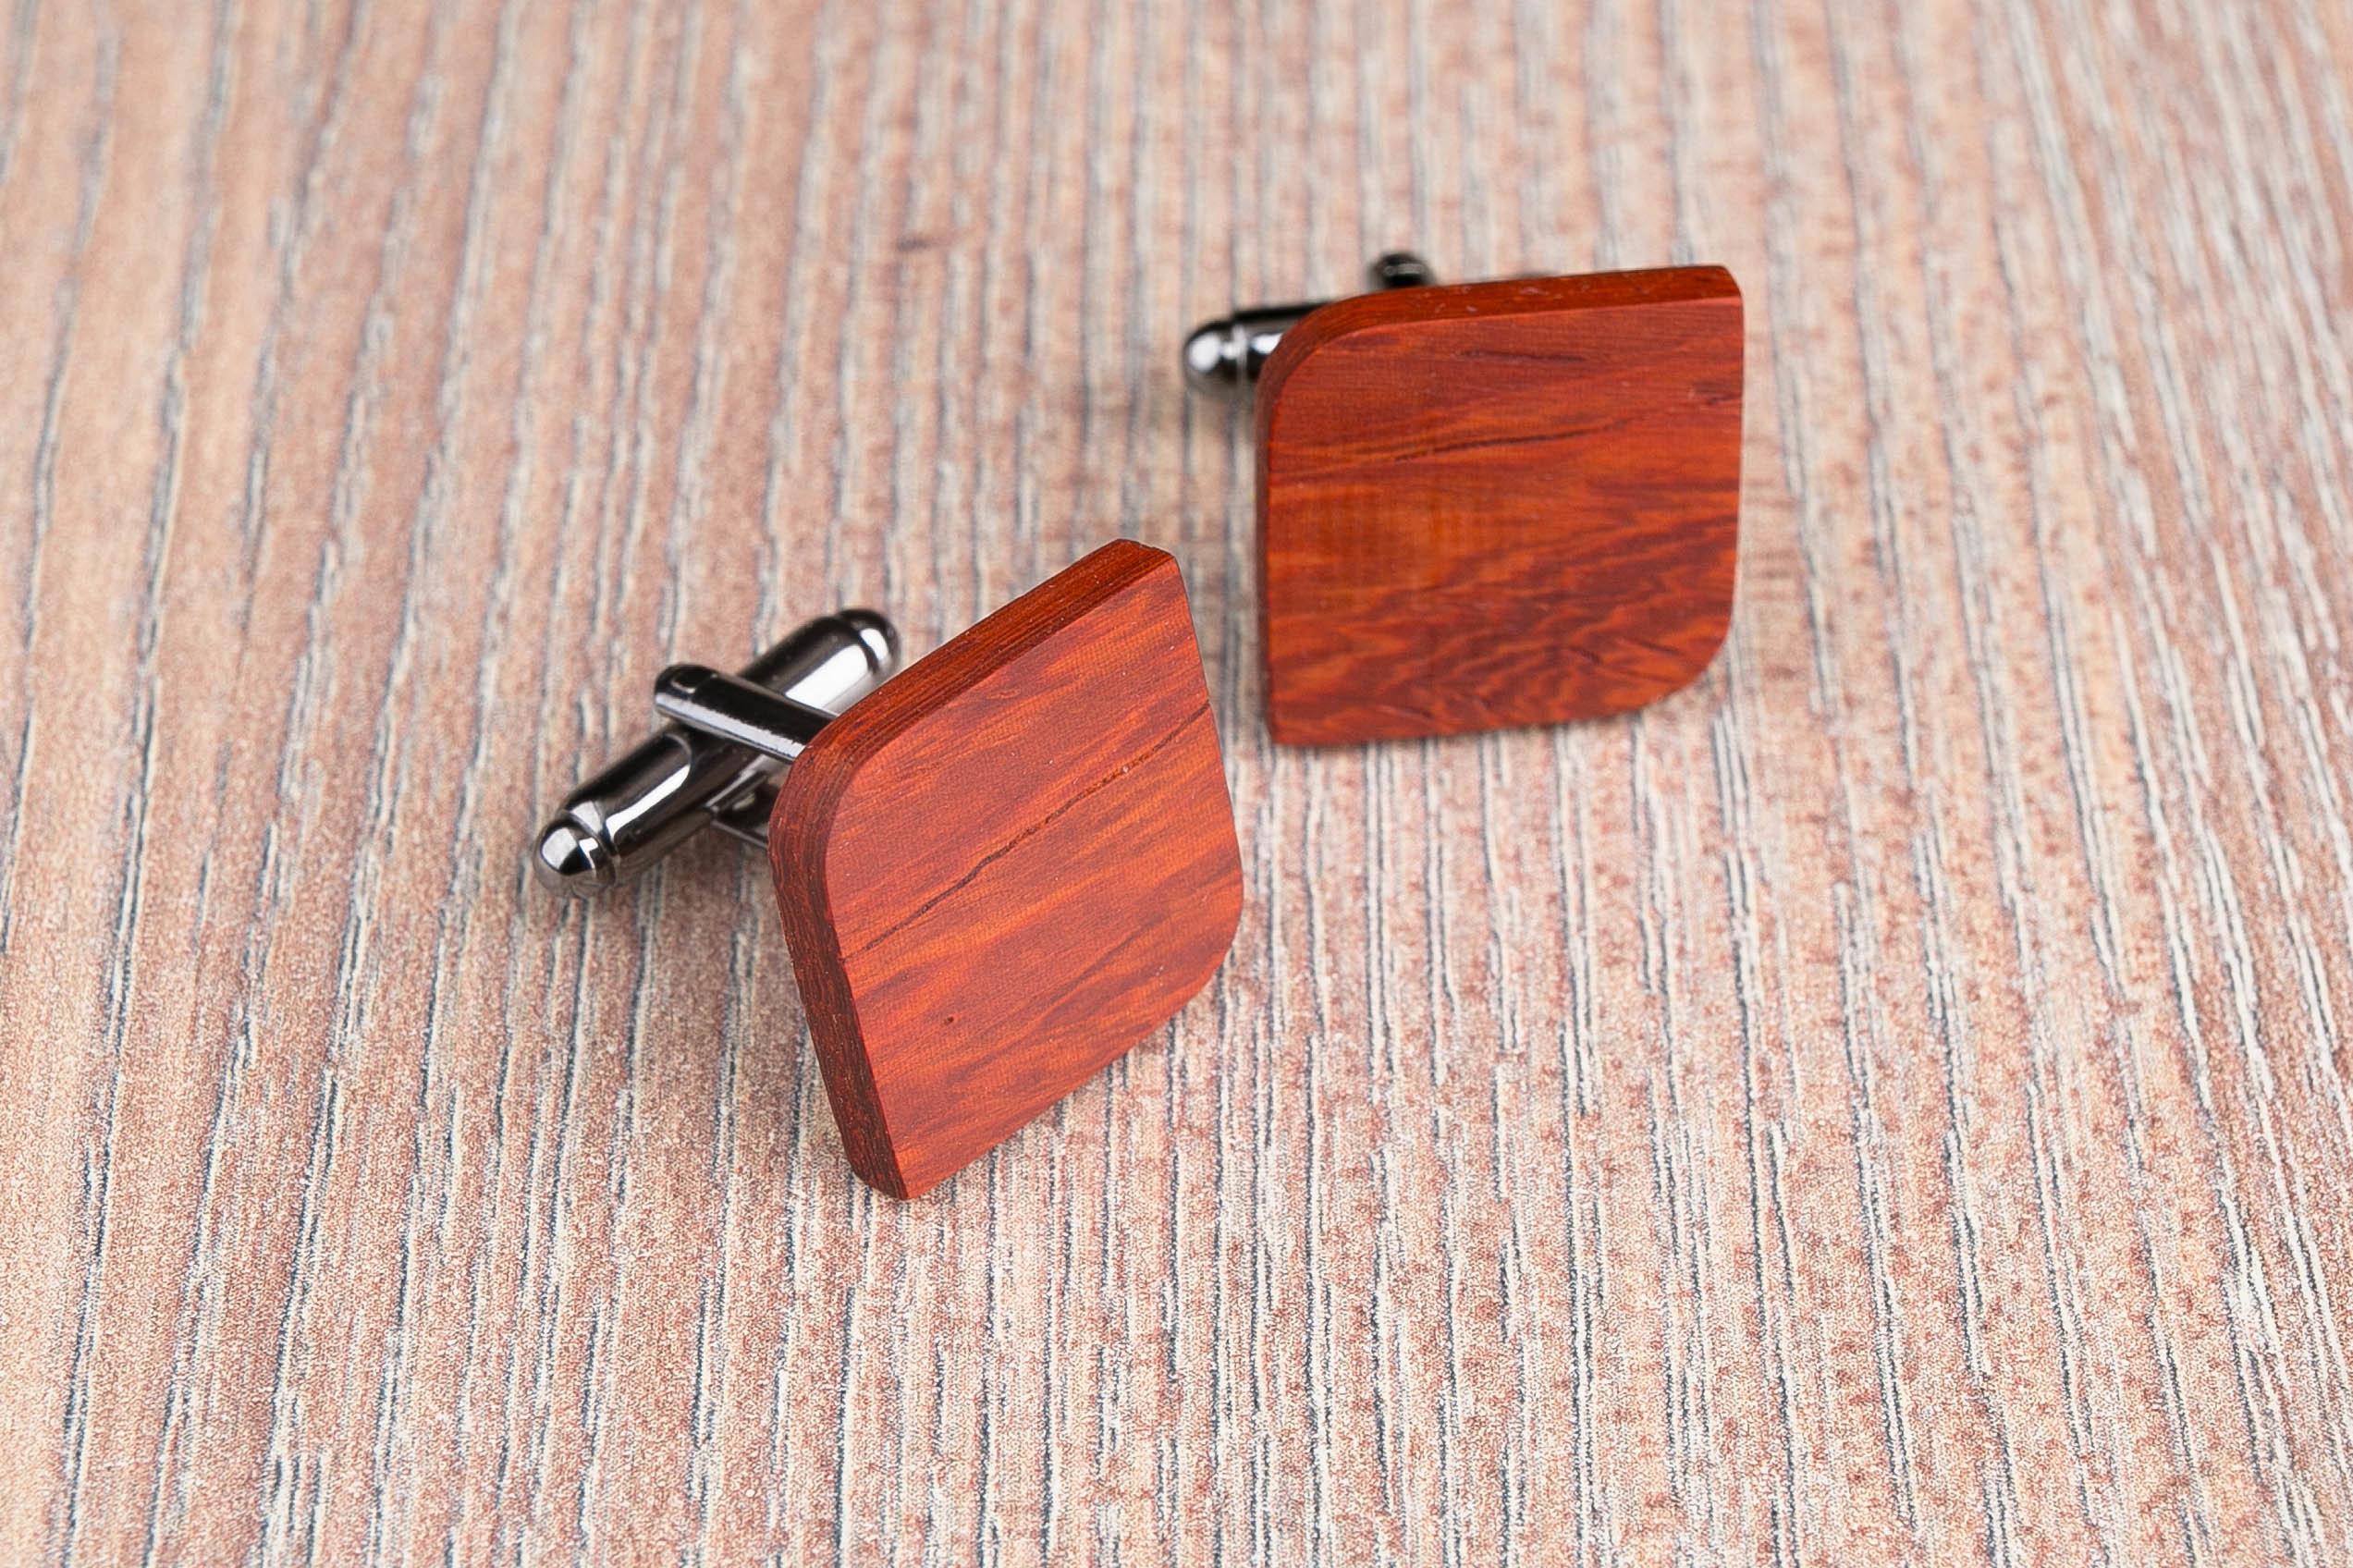 Комплект: Скругленные запонки из дерева и Деревянный зажим для галстука. Массив падука. Гравировка инициалов. Упаковка в комплекте